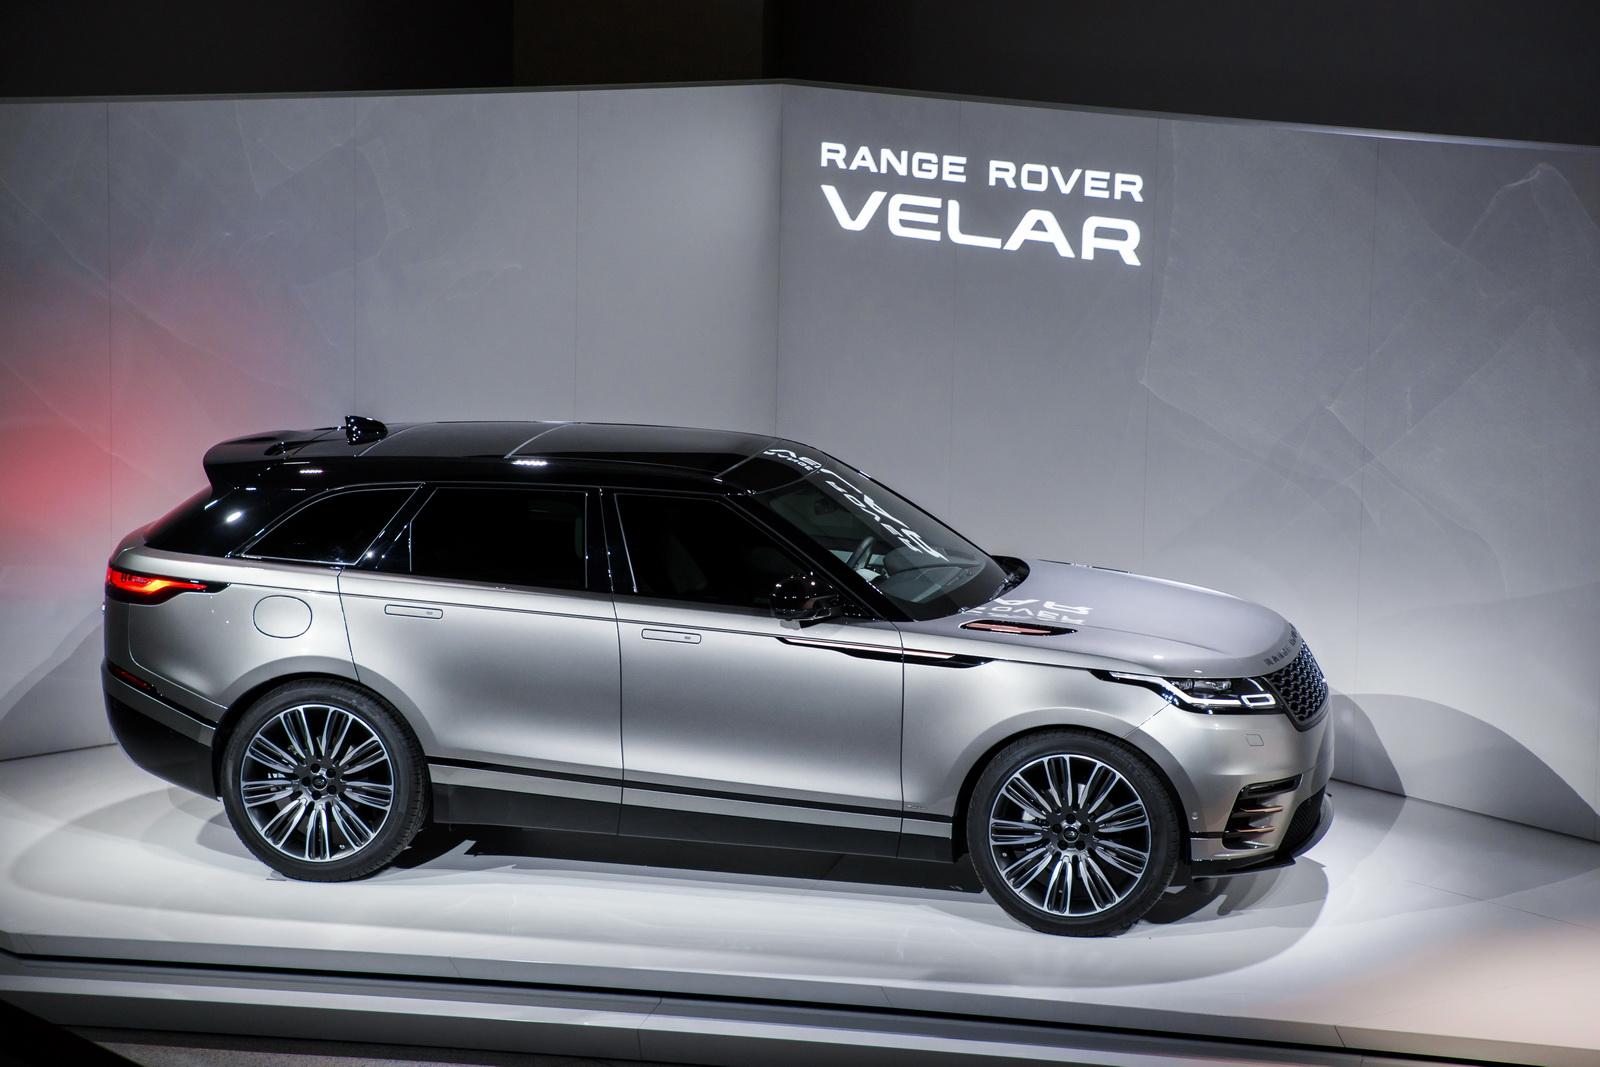 Range Rover Velar in Geneva 2017 (51)